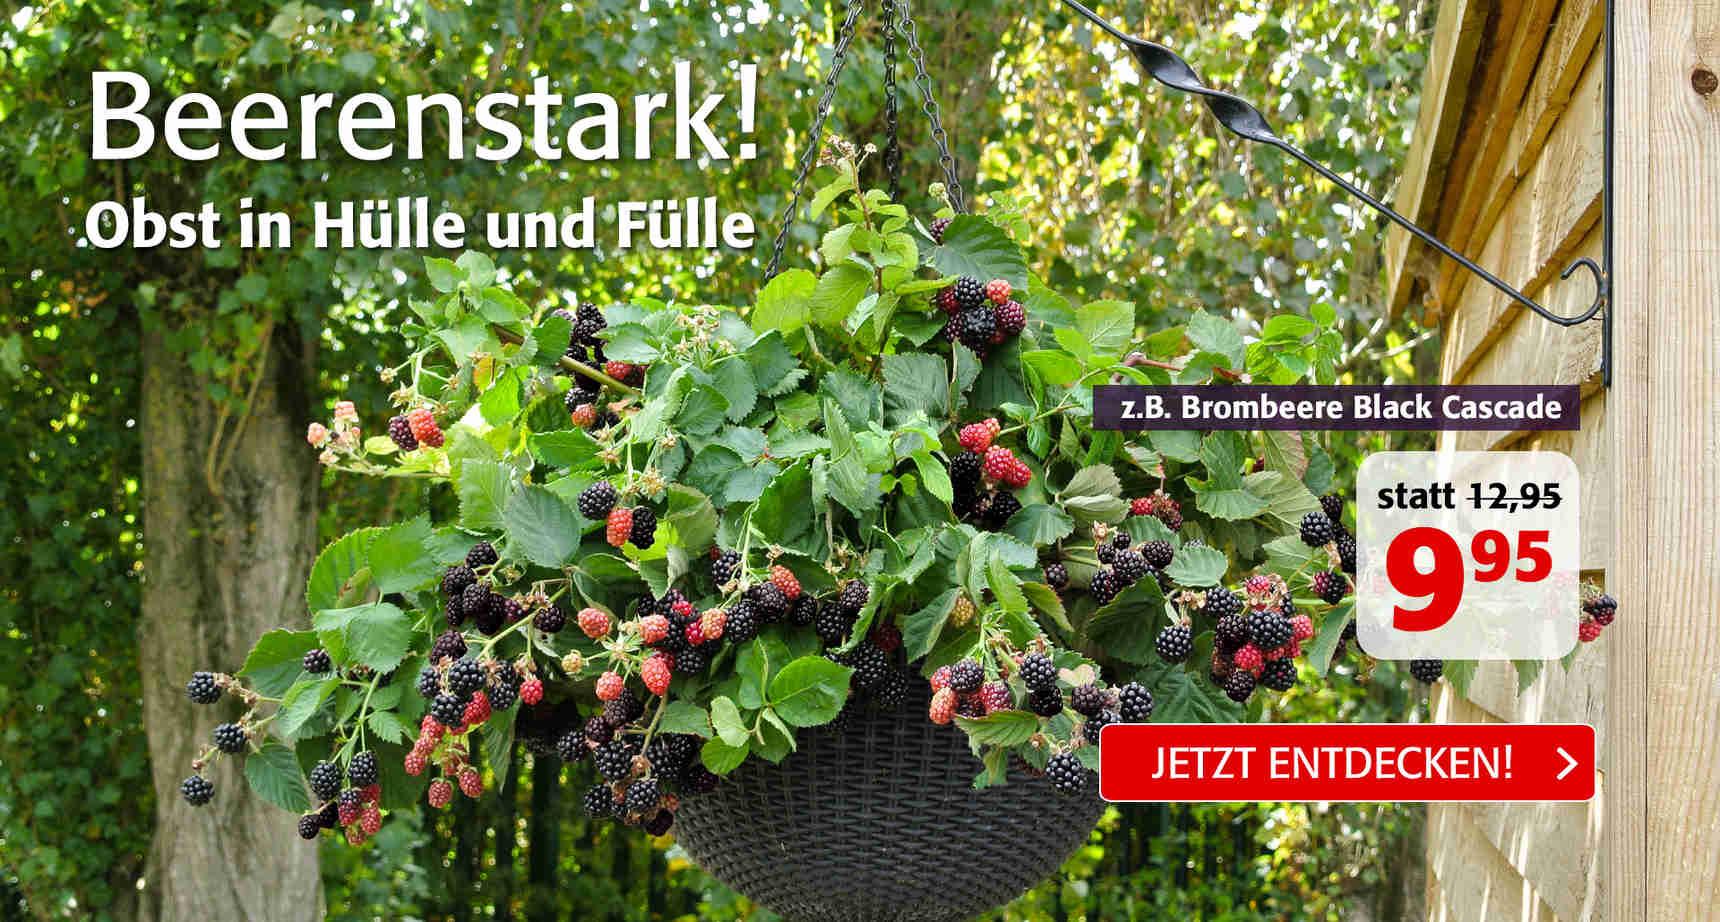 +++ (2) Beerenstark +++ - 3